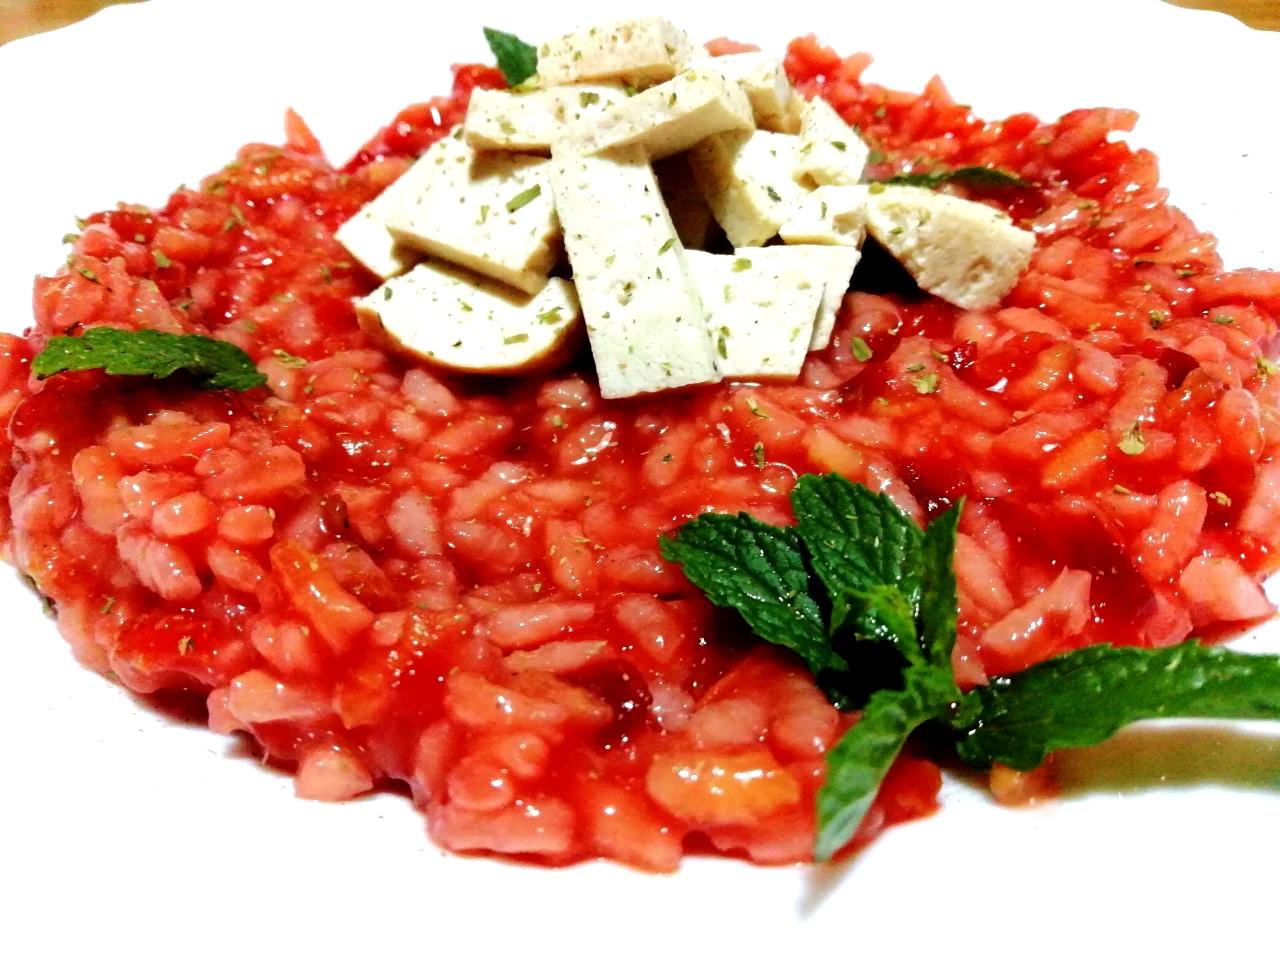 Ricette senza glutine: riso Carnaroli alla barbabietola e tofu!